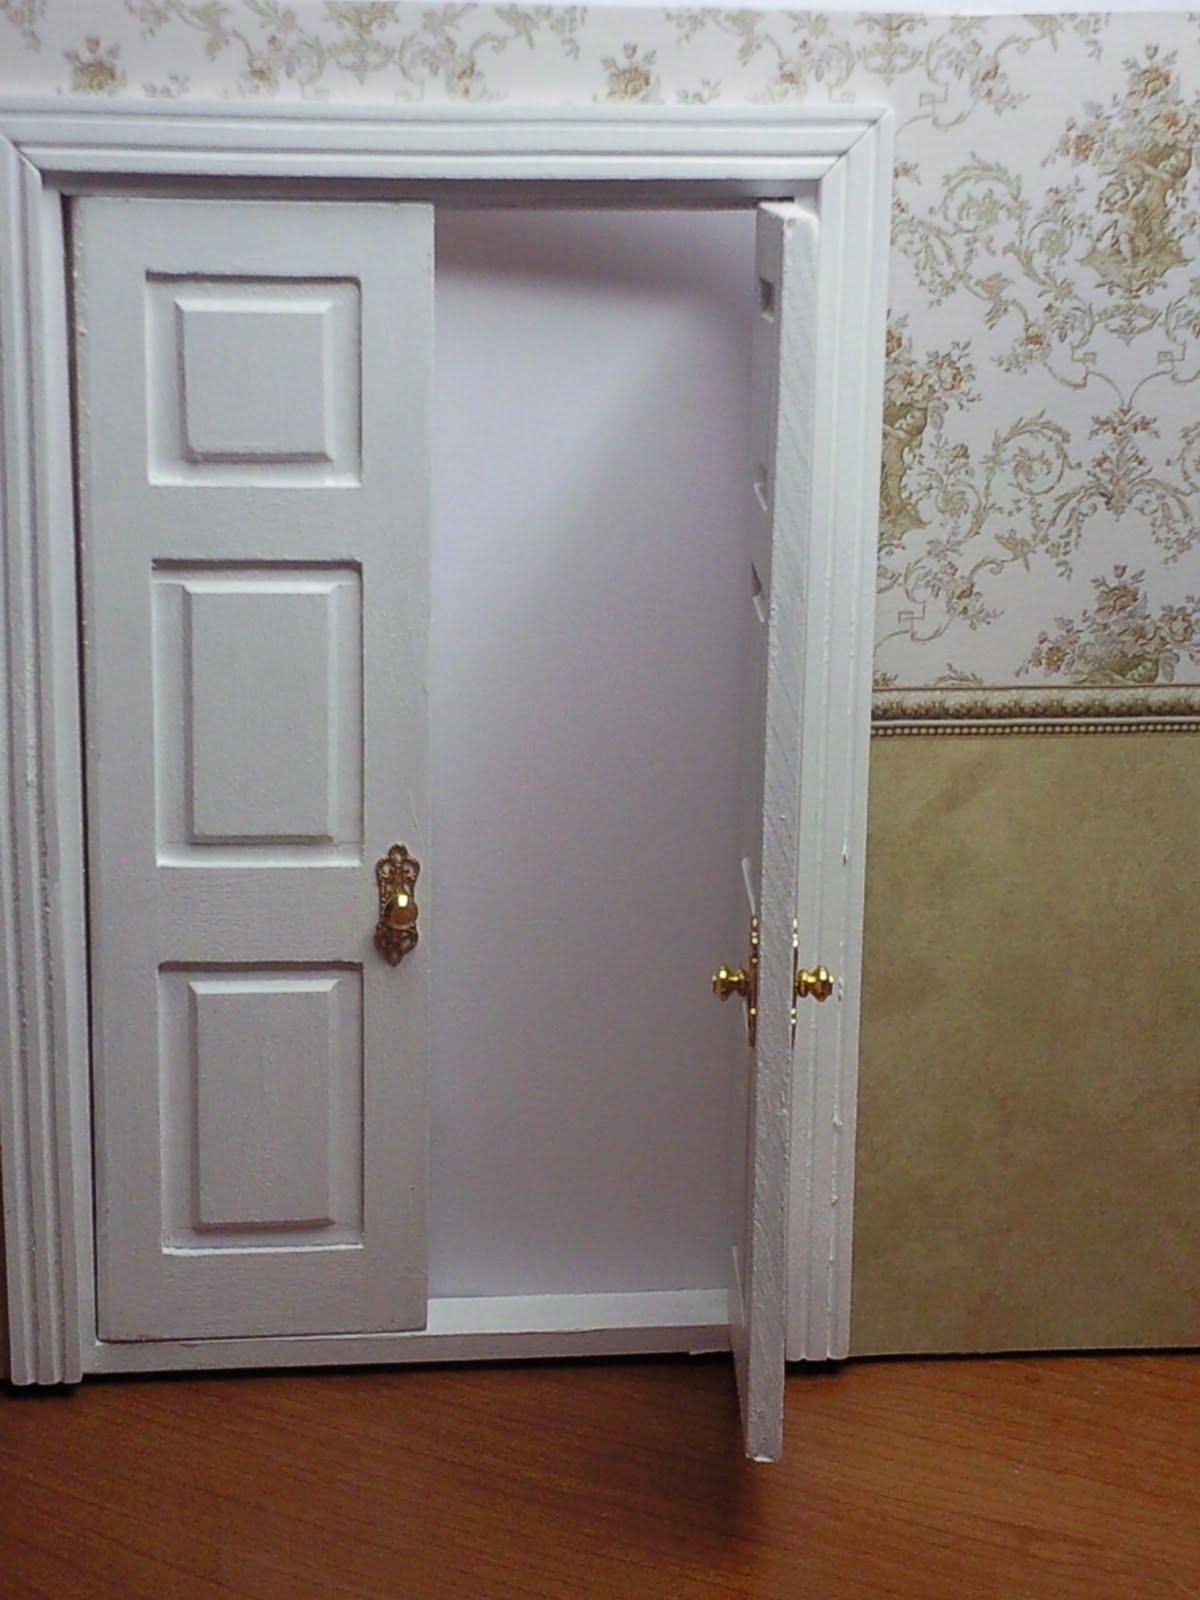 Mis trabajos en miniatura pomos para las puertas - Pomos redondos para puertas ...